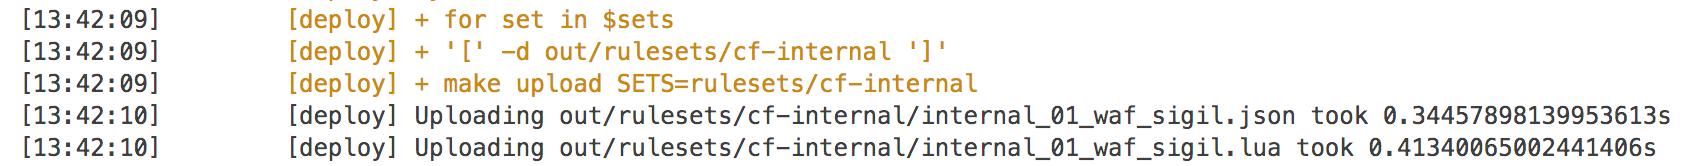 Подробности сбоя в Cloudflare 2 июля 2019 года - 13